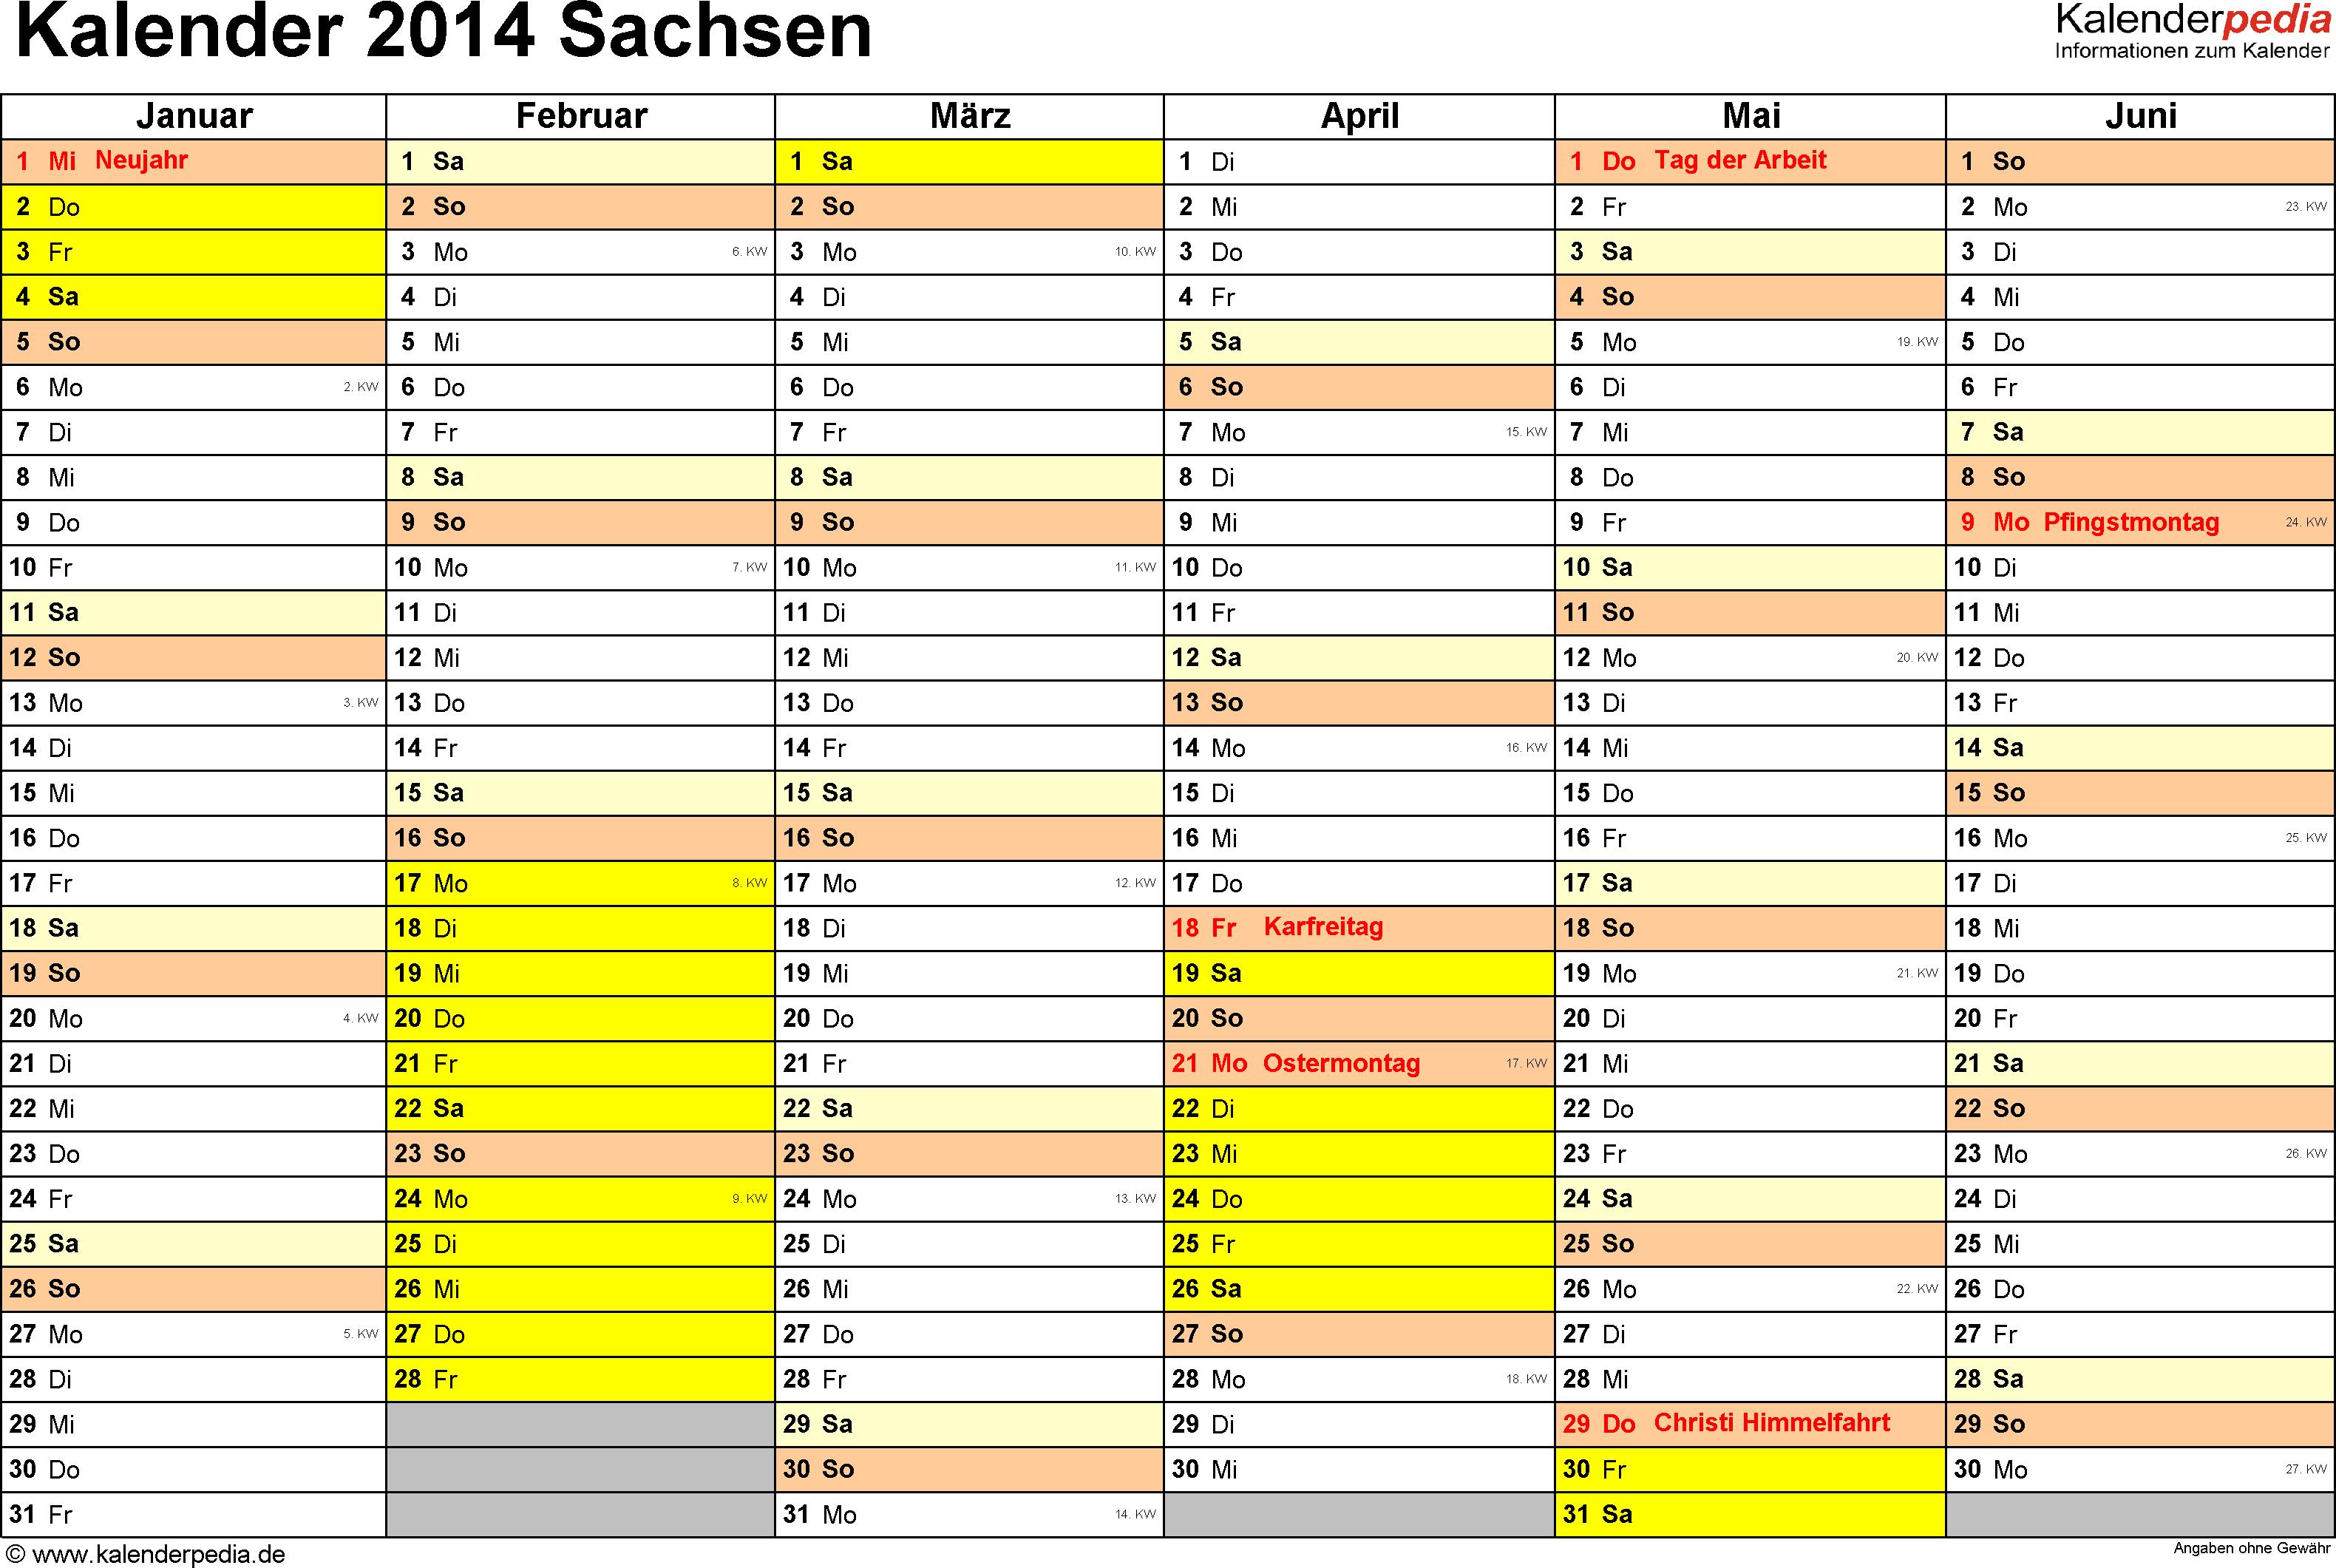 Vorlage 3: Kalender 2014 für Sachsen als PDF-Vorlagen (Querformat, 2 Seiten)